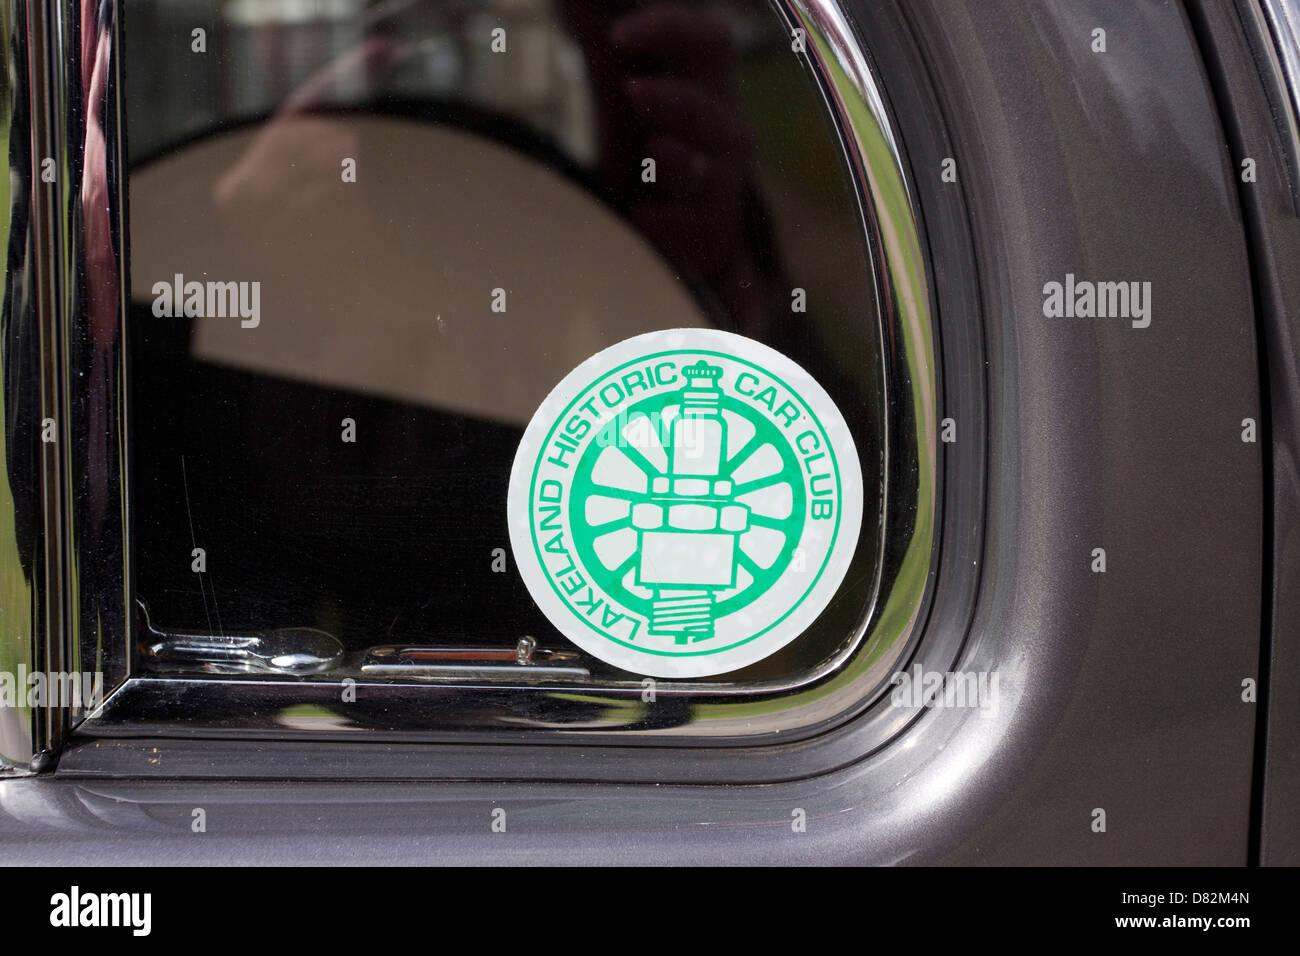 Car Window Sticker Stock Photos & Car Window Sticker Stock